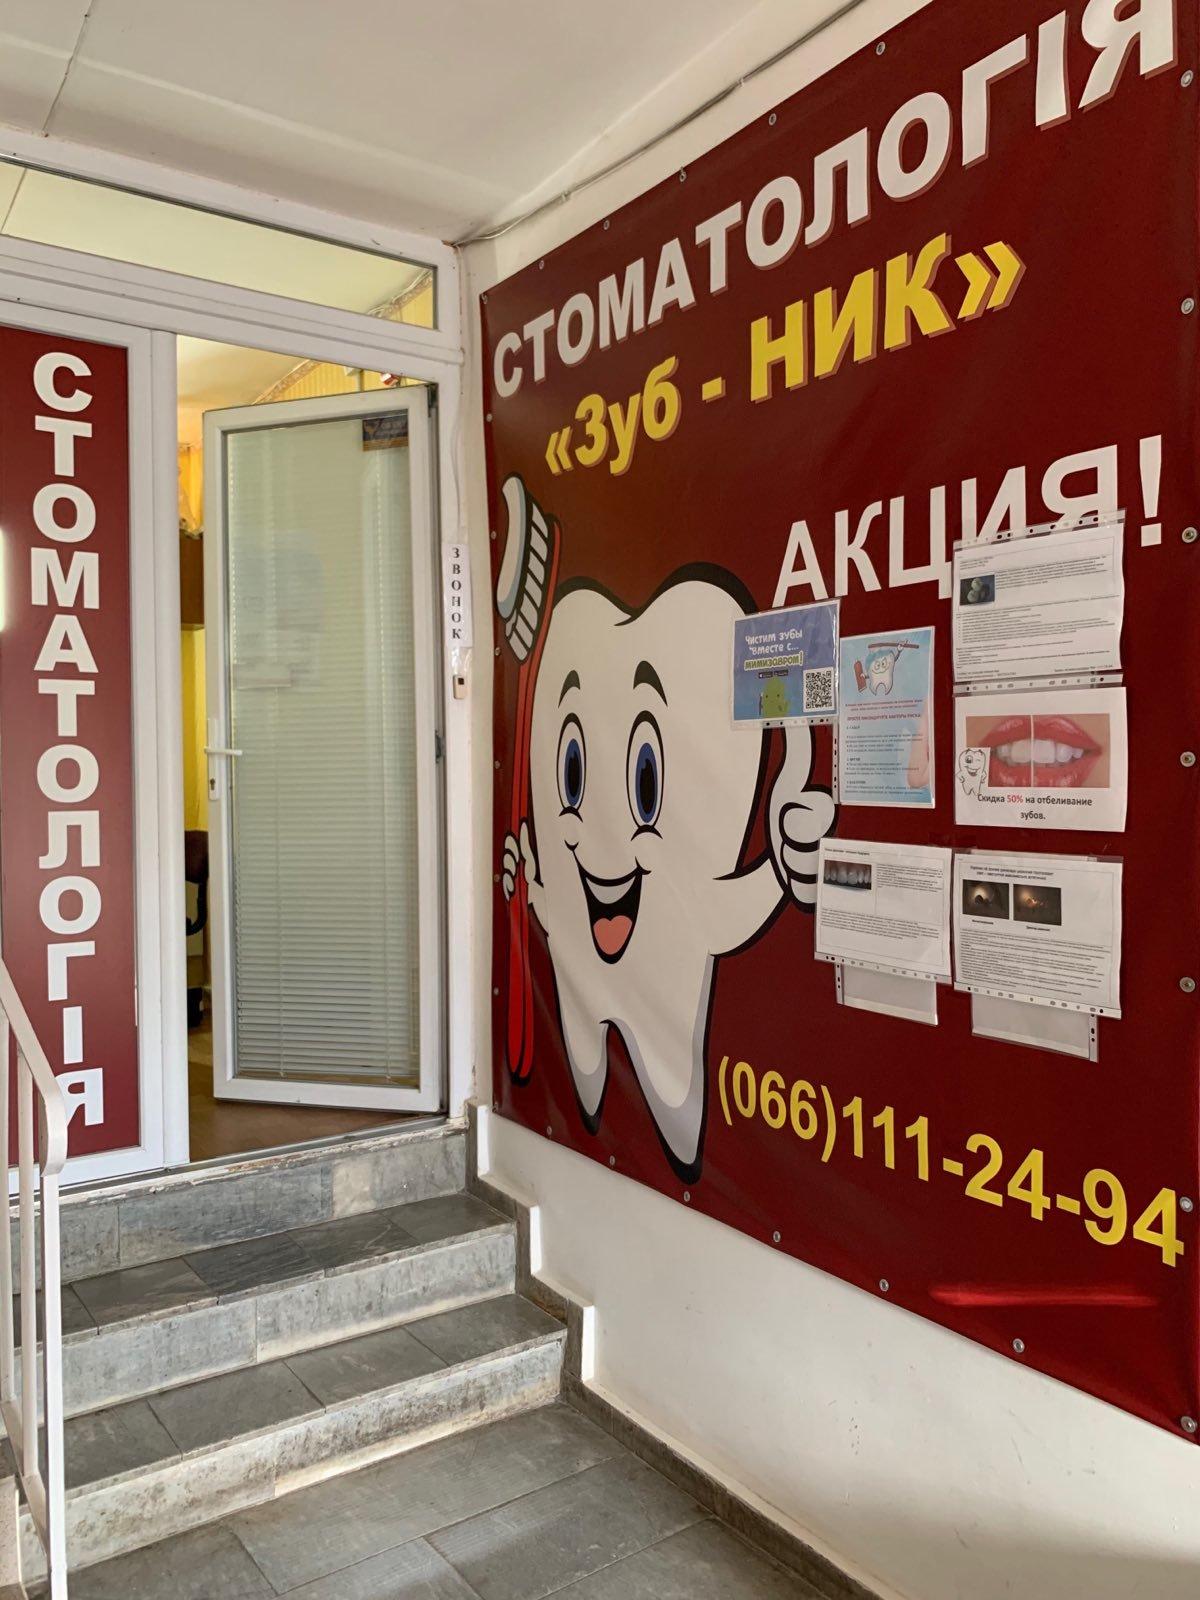 Стоматологии Днепра, где найти лучших специалистов и цены на услуги, фото-20